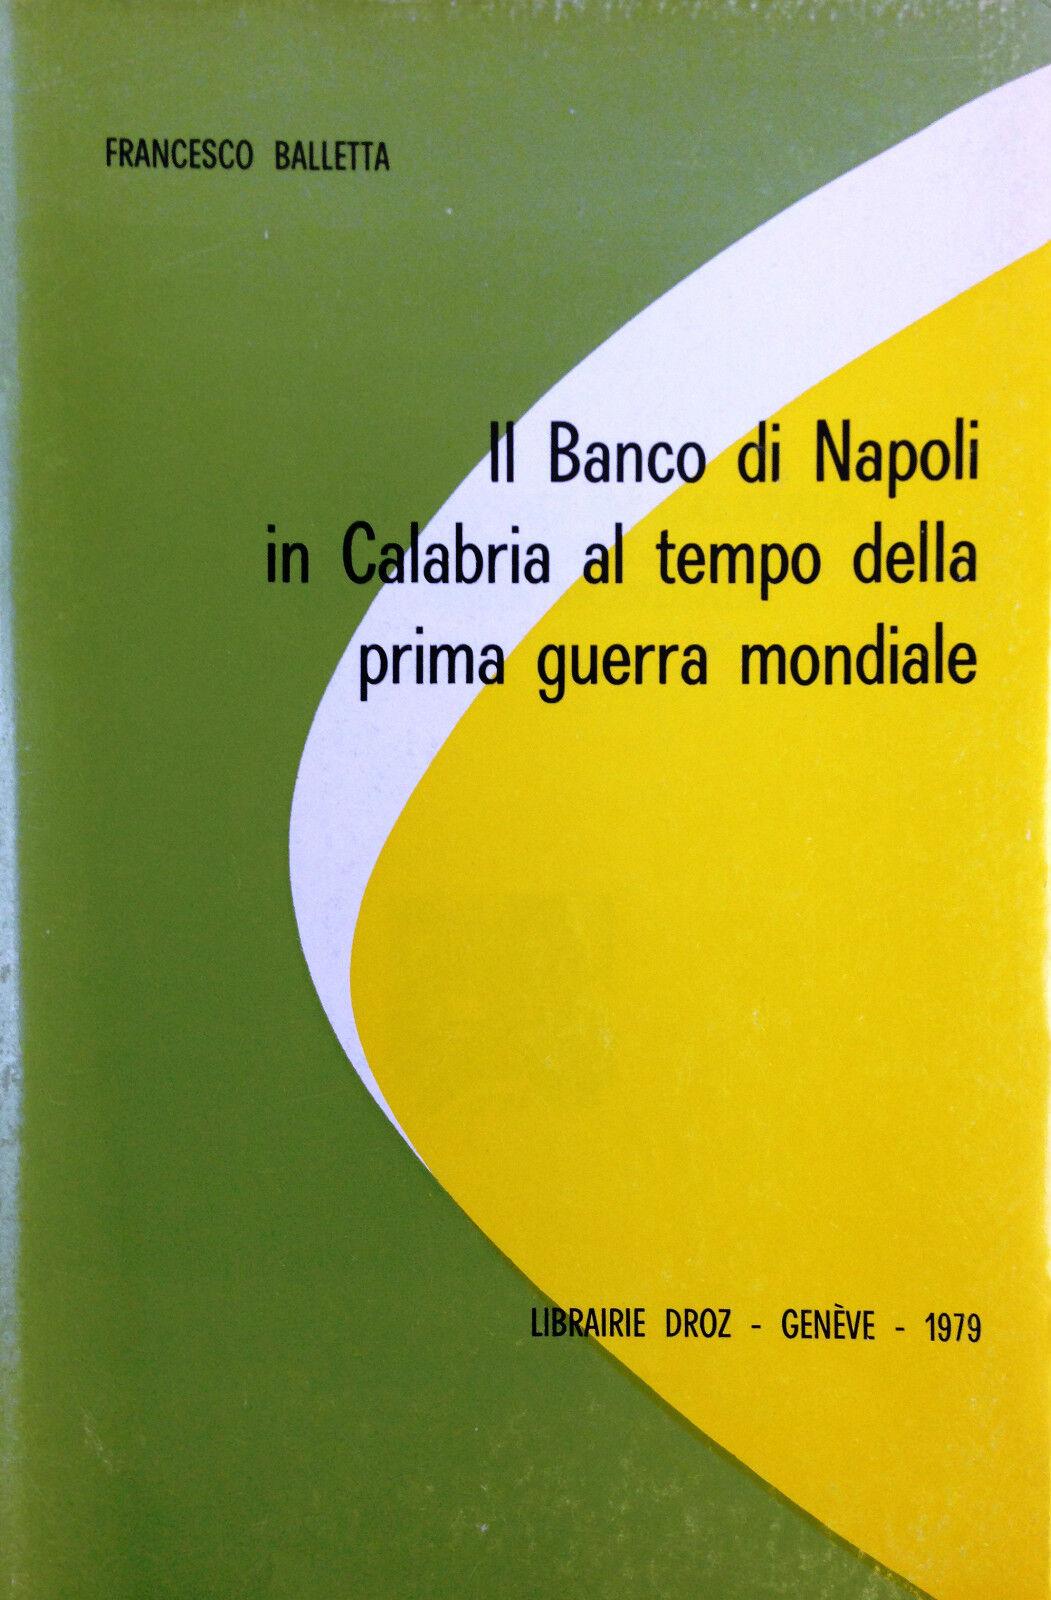 Il Banco di Napoli in Calabria al tempo della Prima Guerra Mondiale